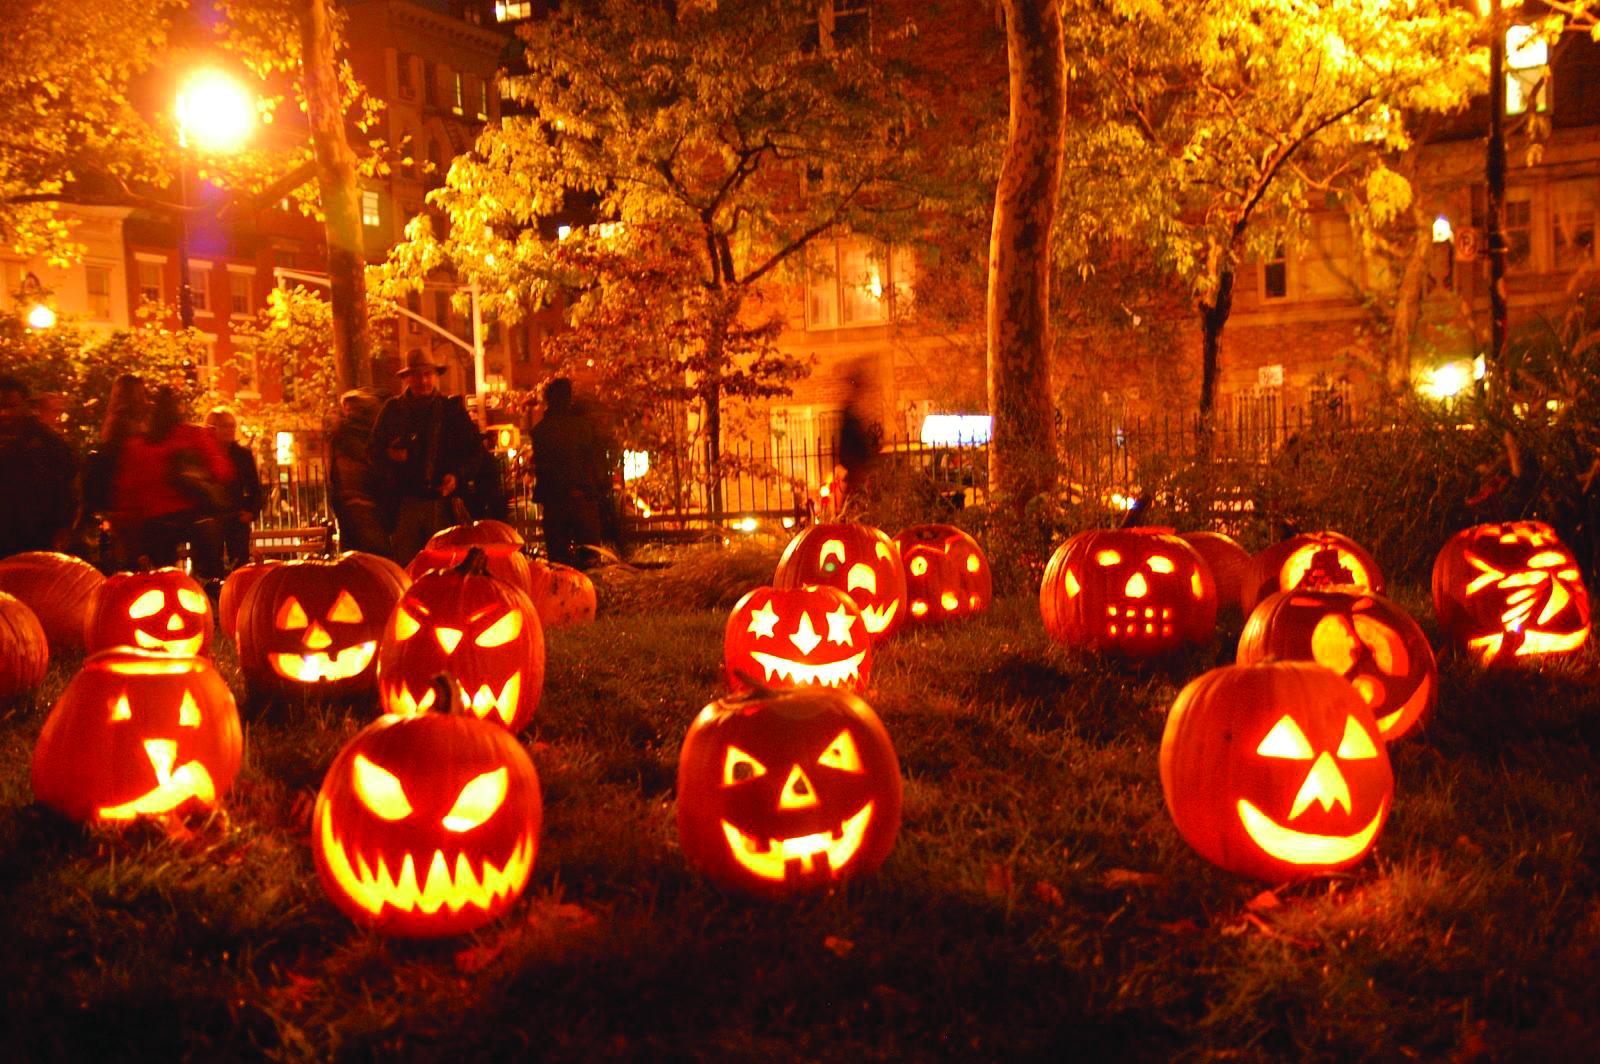 jack-o-lantern party | halloween | know your meme